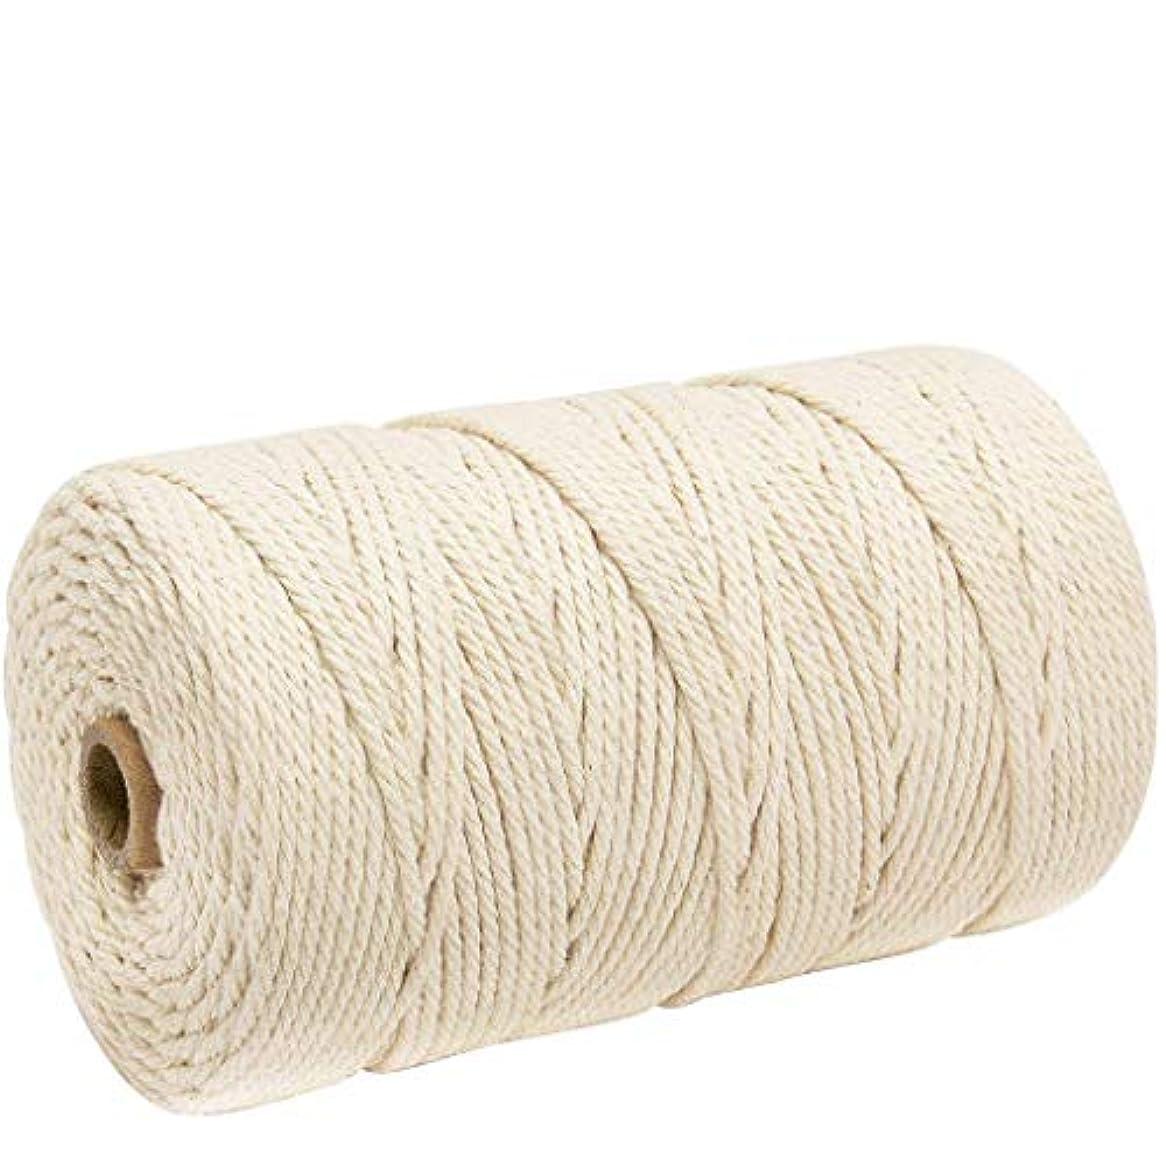 ナチュラルコットン マクラメ ロープ 紐 糸 手作り編み糸 綿 DIY壁掛けハンガークラフト編みコードロープ 3㎜ 200m (ライスホワイト)